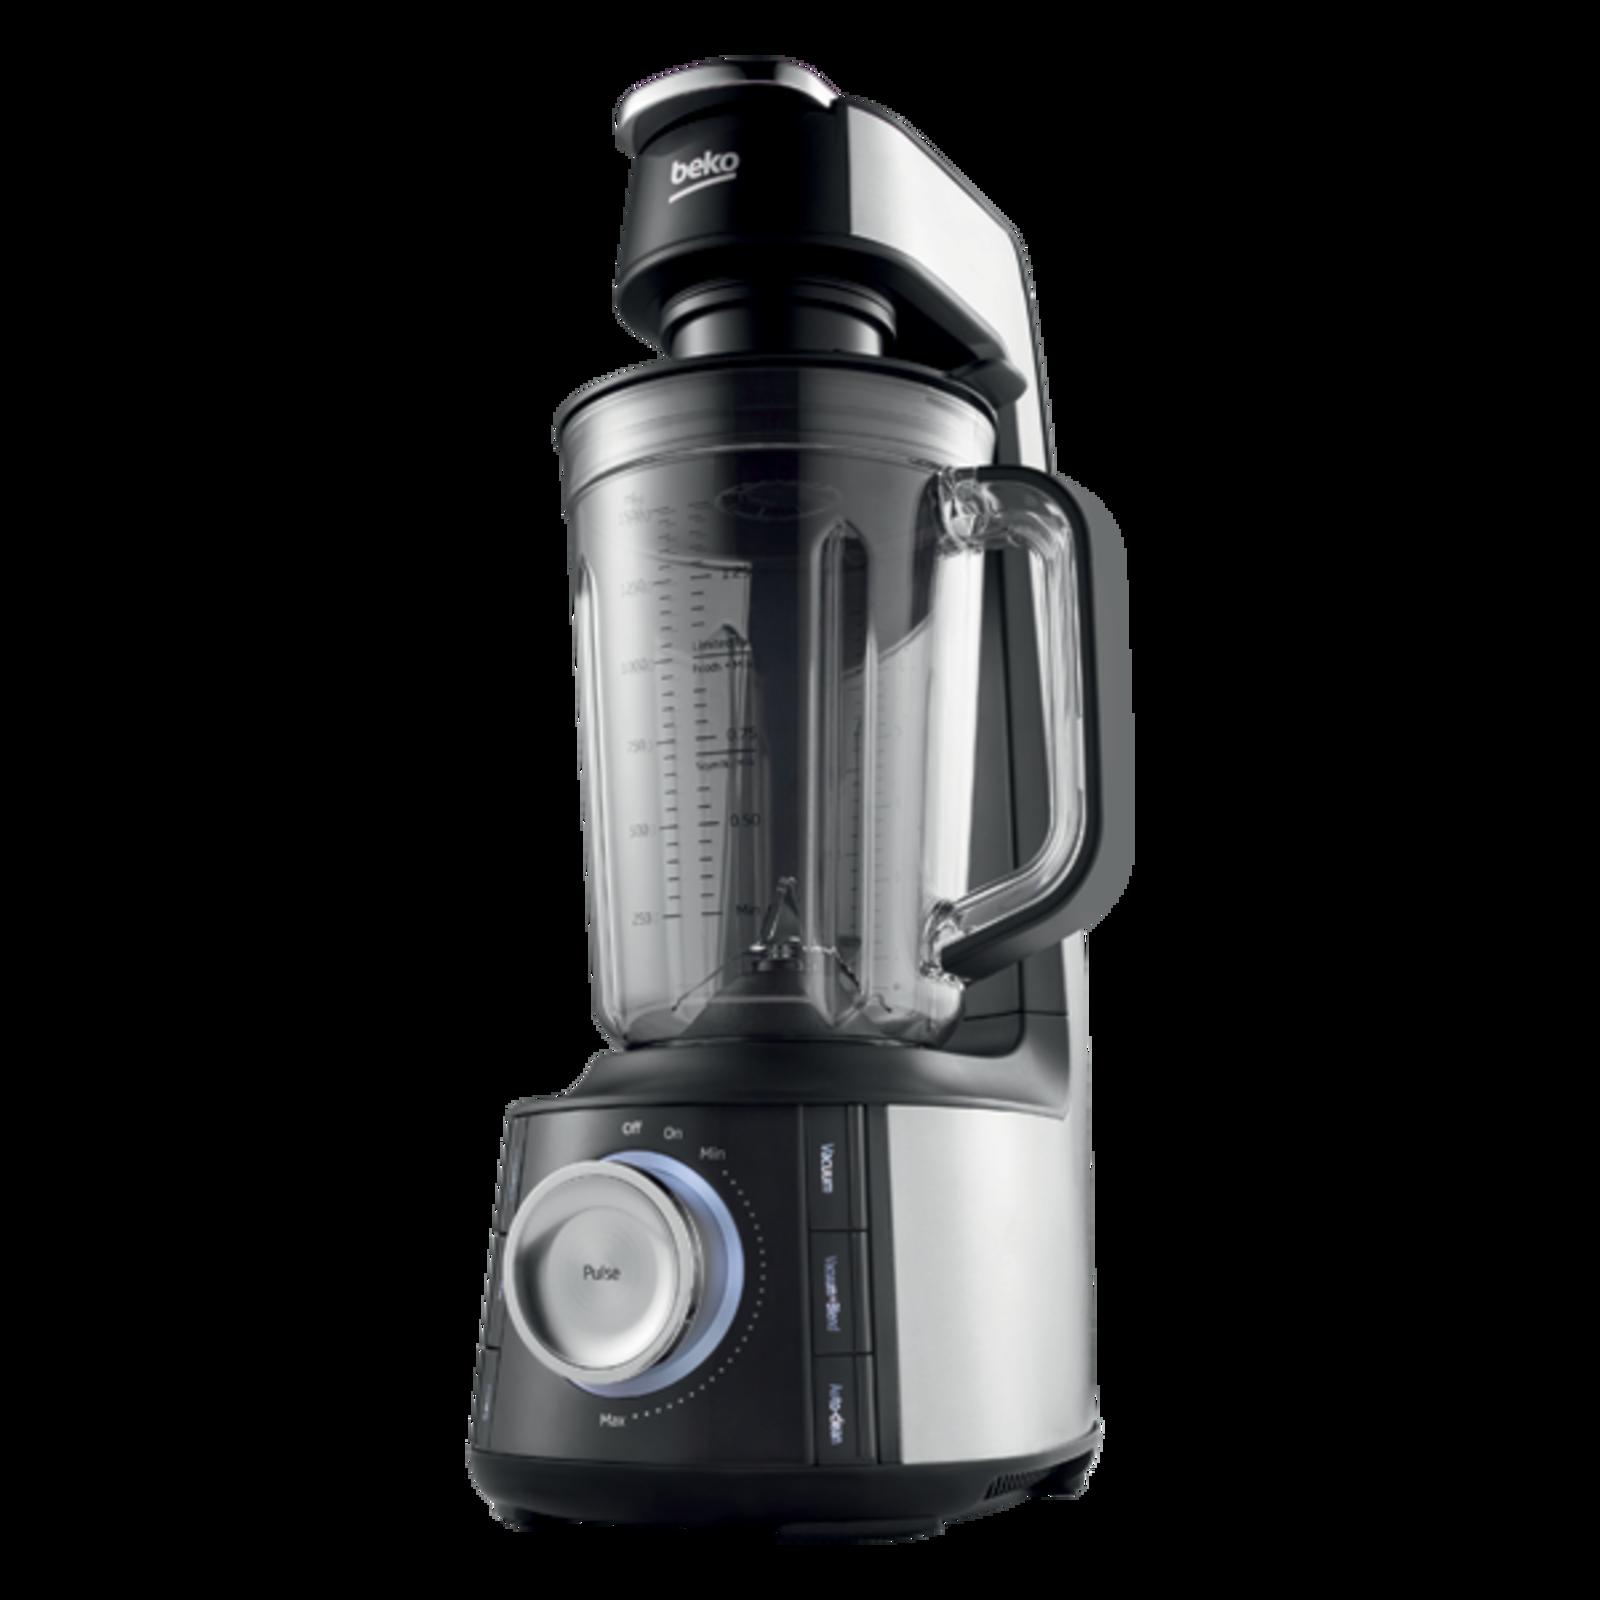 Beko Vacuum Smoothie Blender TBV8106BX